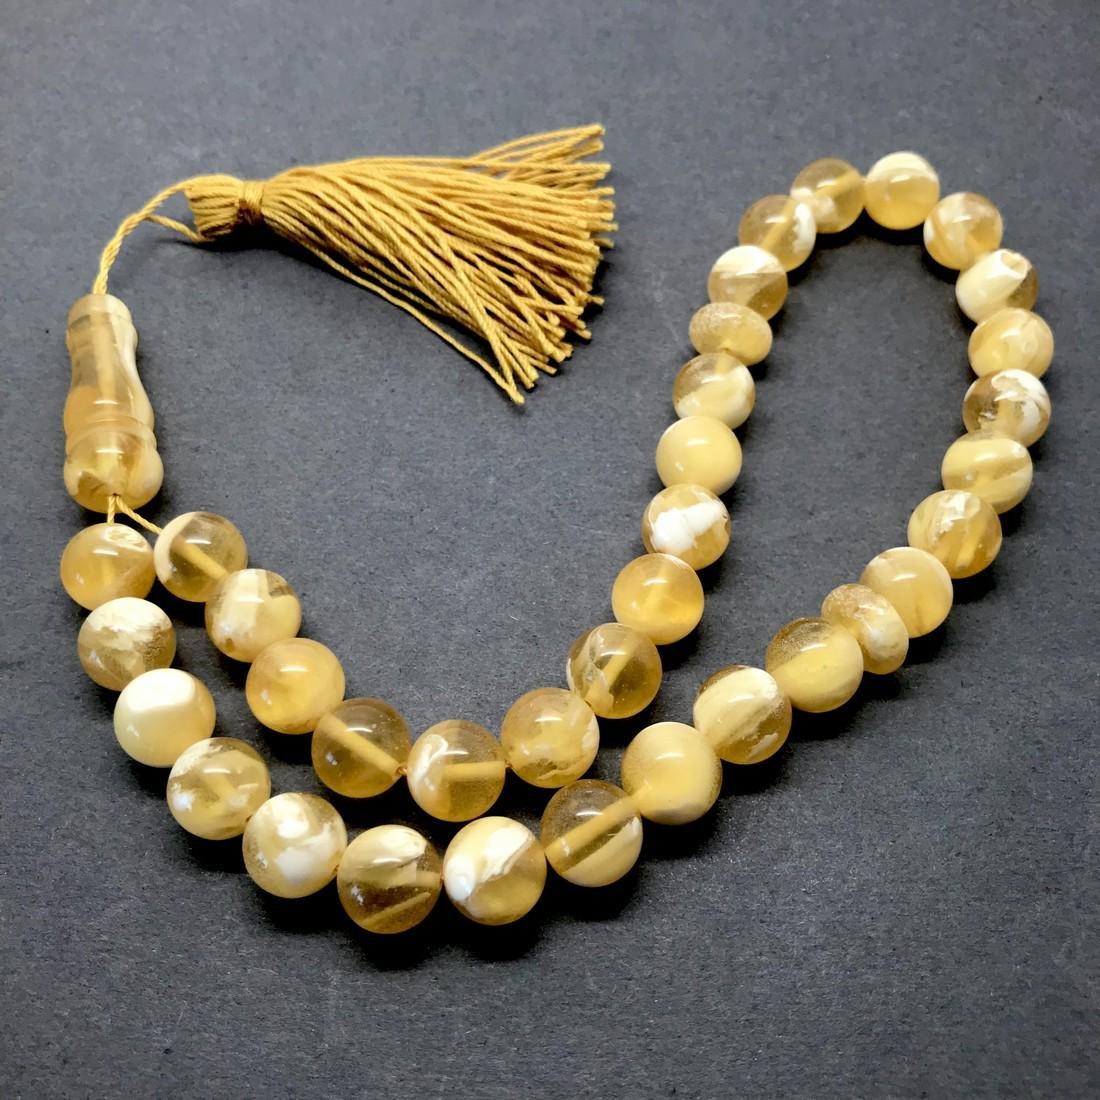 Phenomenal Amber Tesbih made from Round Amber beads